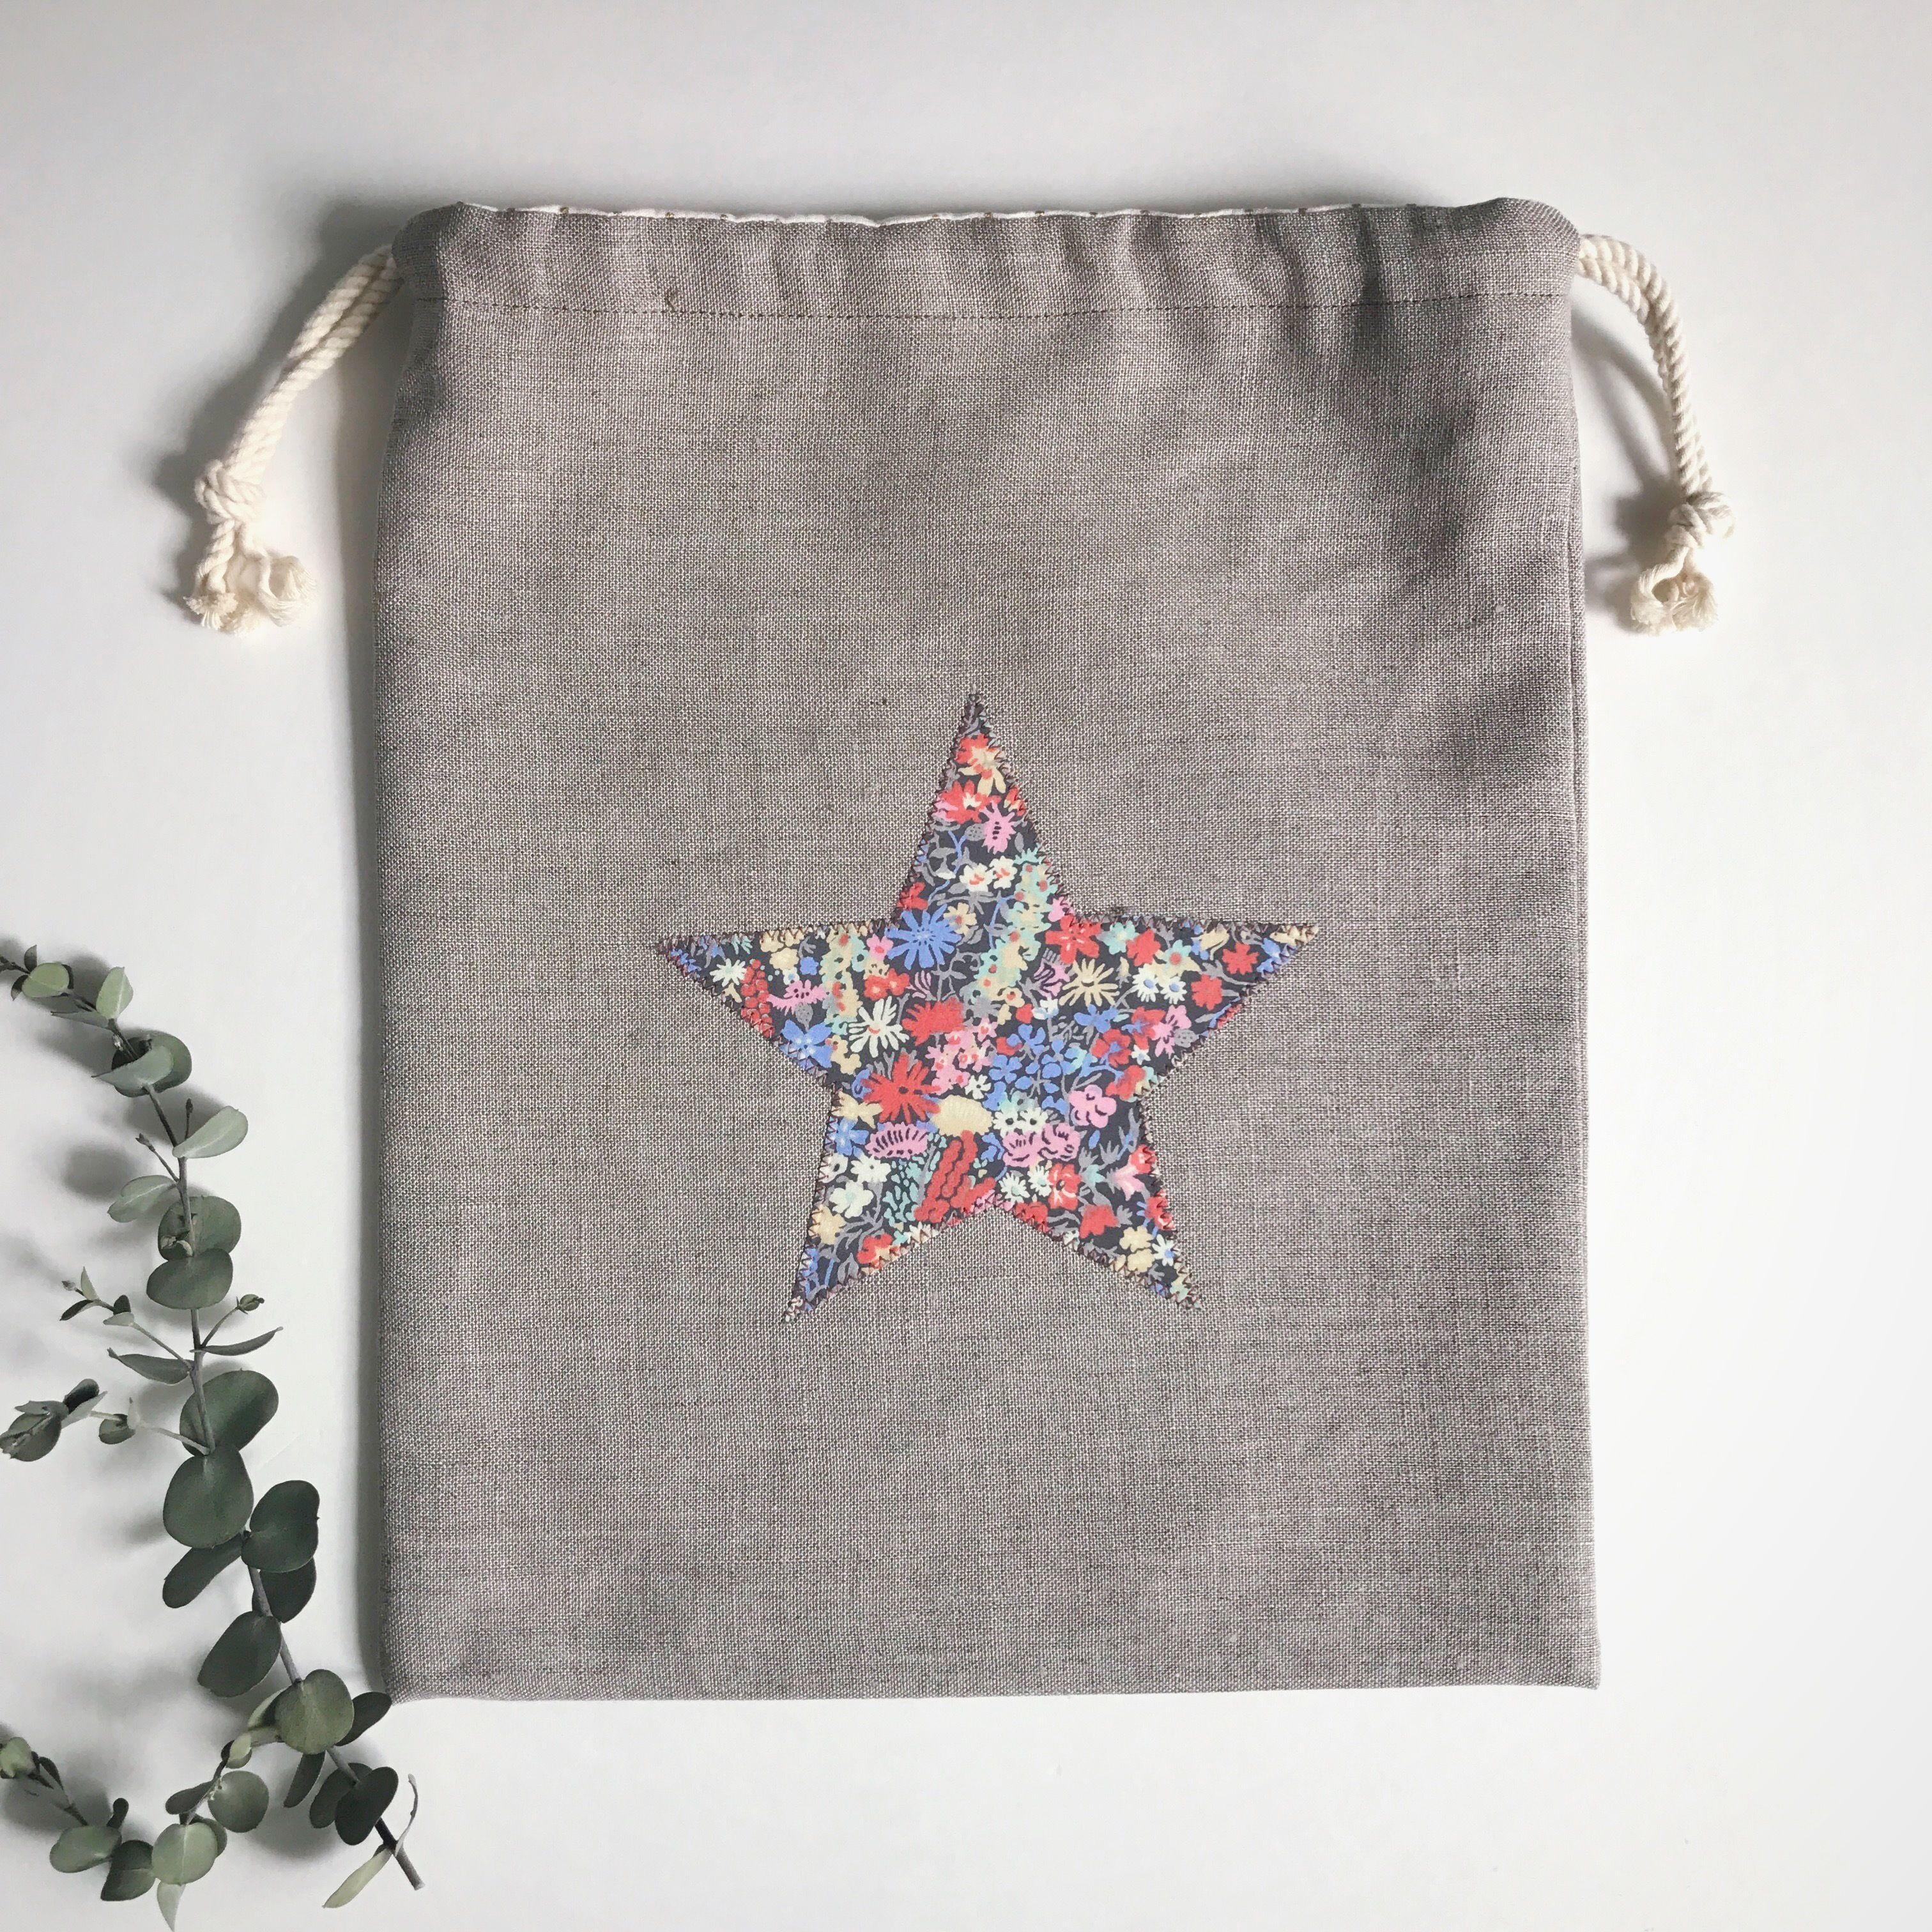 リバティの星のアップリケ×ナチュラルリネンの巾着袋